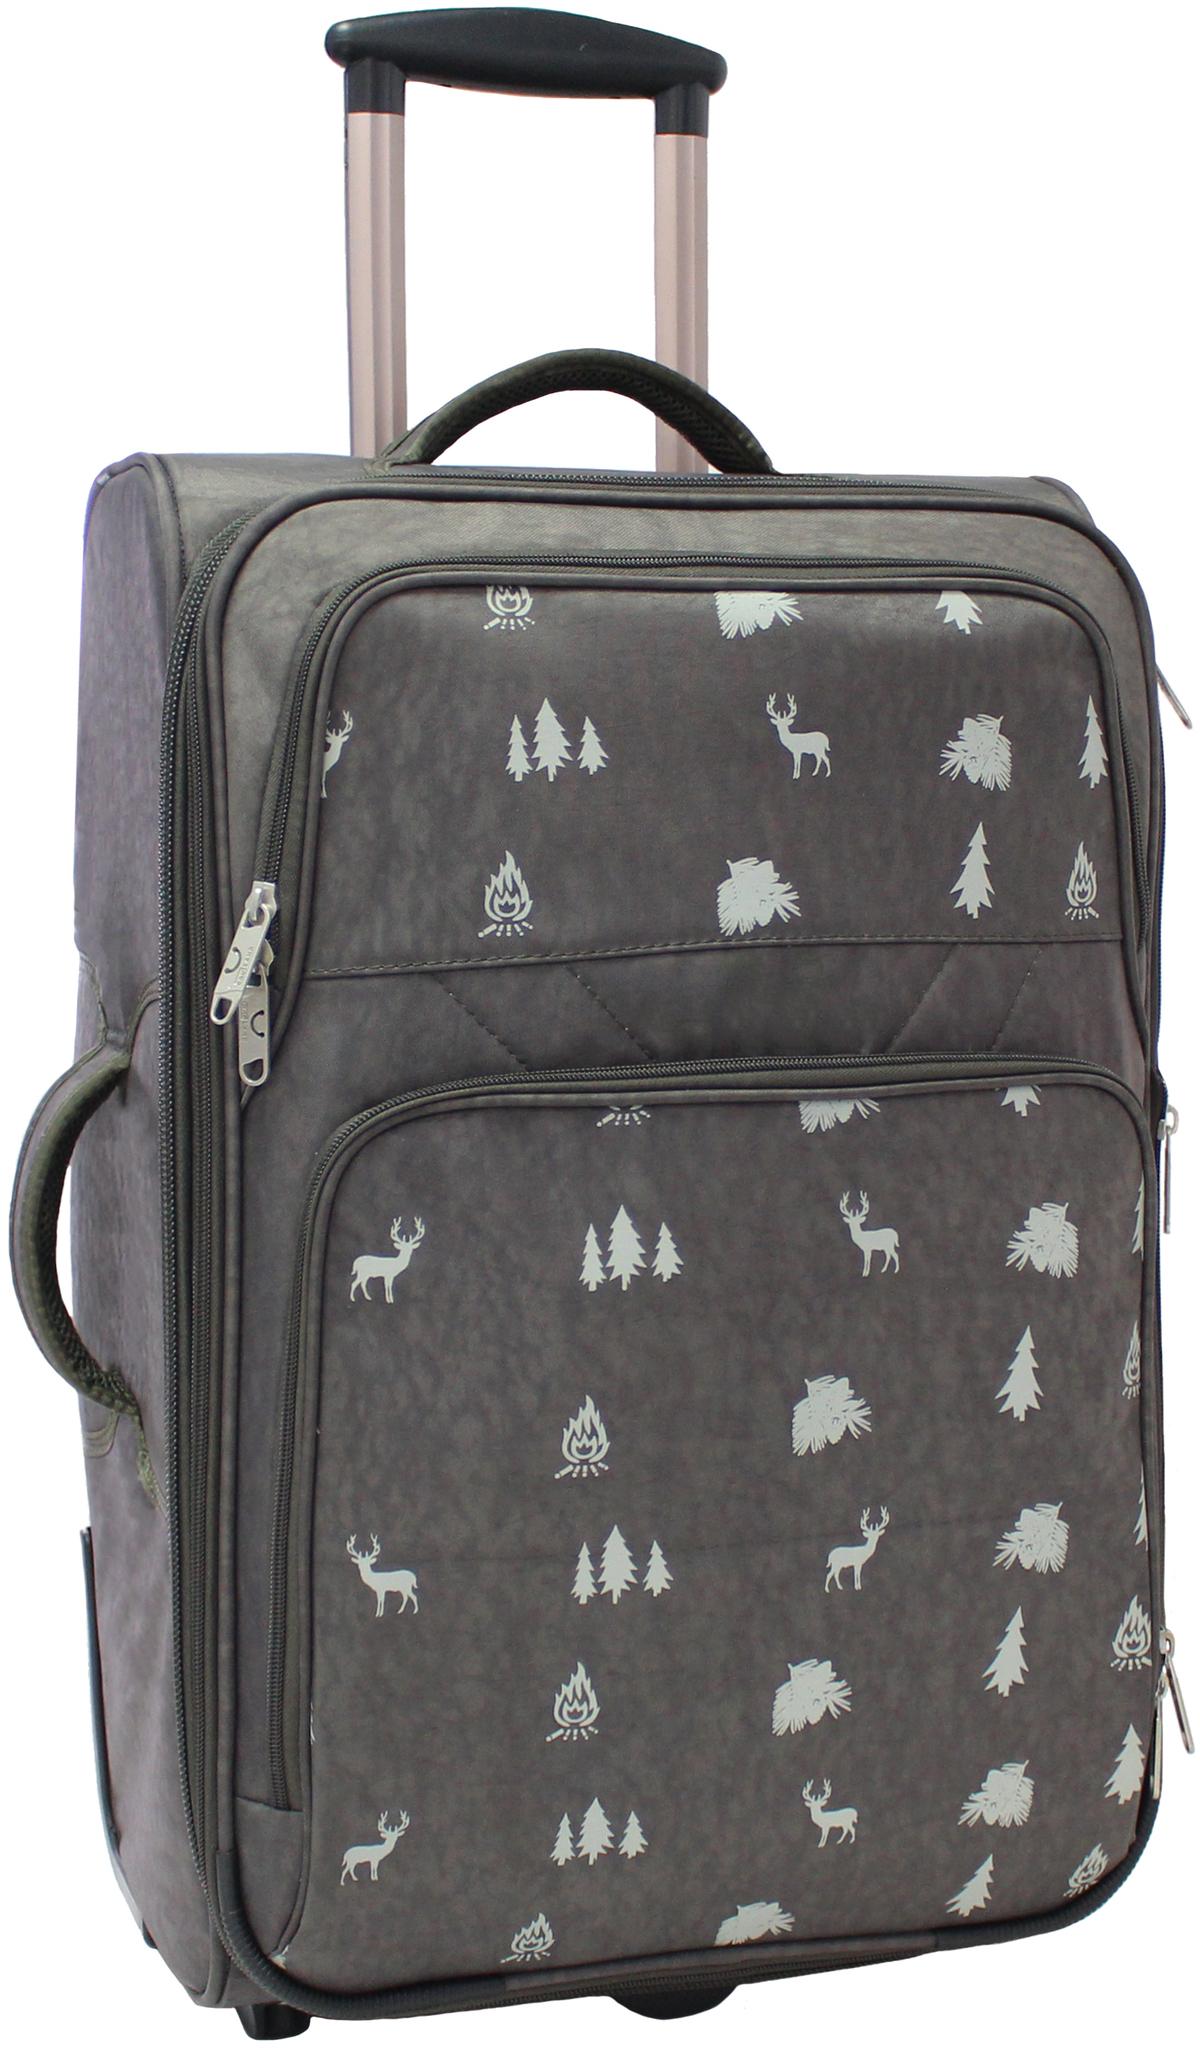 Дорожные чемоданы Чемодан Bagland Леон средний 51 л. 327 хакі/олені (003767024) IMG_5411.JPG